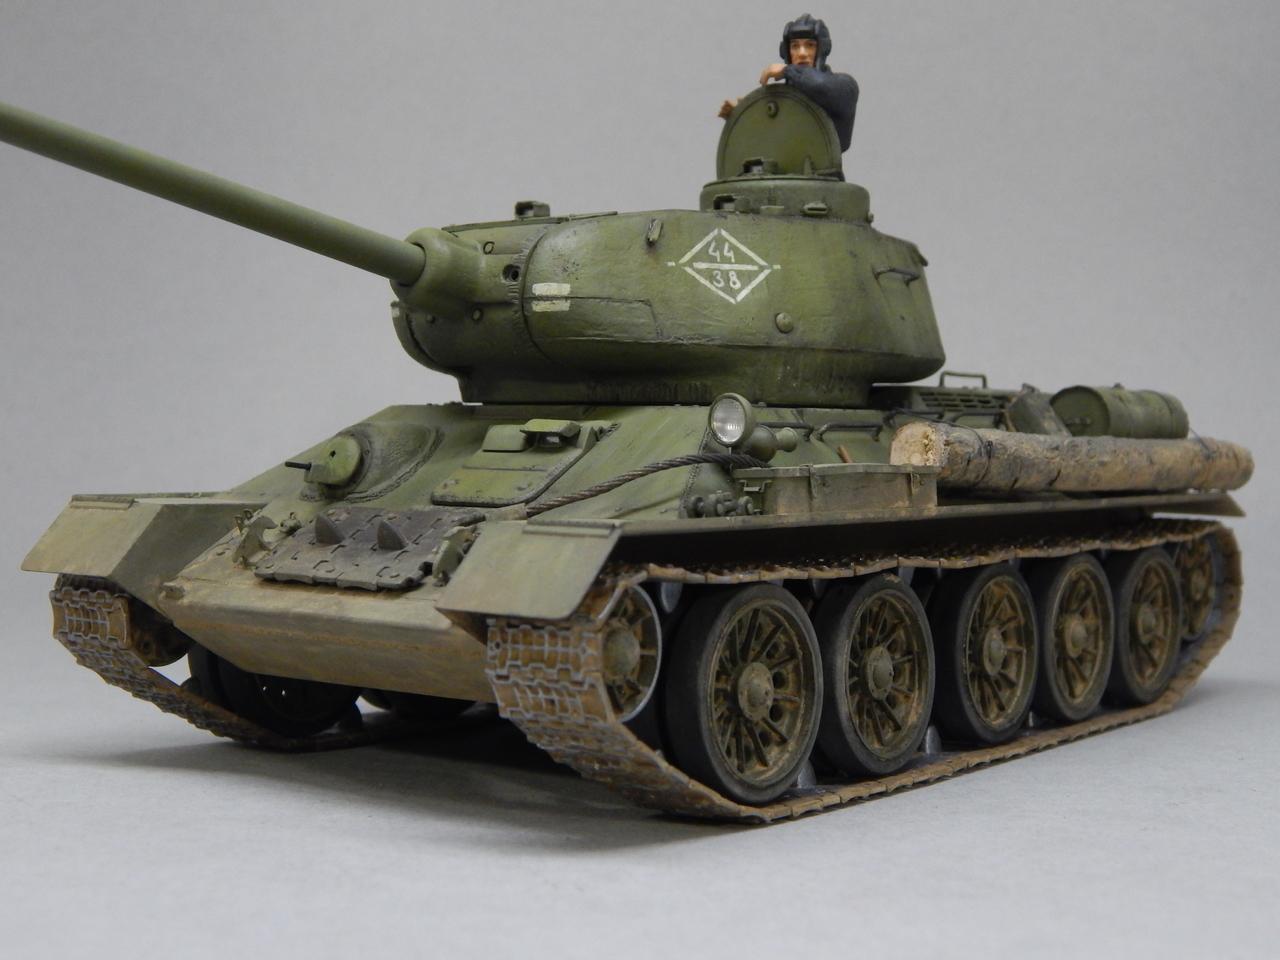 """""""Т-34/85. 1-я Гвардейская танковая армия, 11-й Гвардейский корпус, 44-я Гвардейская бригада."""" Берлин 1945 г. DSCN3095"""